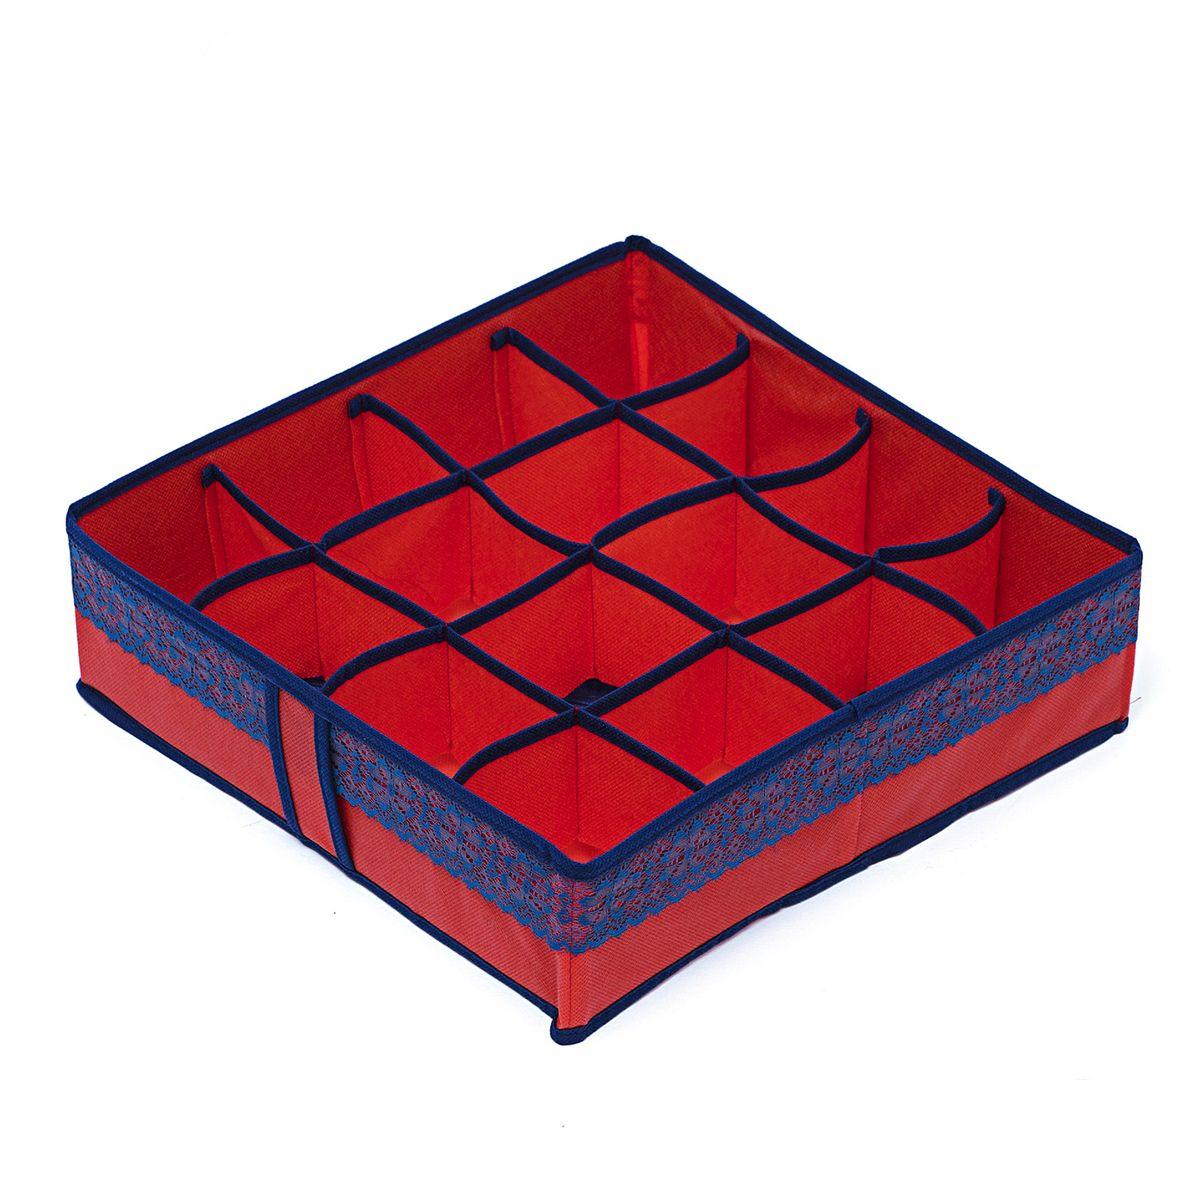 Органайзер для хранения вещей Homsu Rosso, 16 ячеек, 35 x 35 x 10 смHOM-314Компактный органайзер Homsu Rosso изготовлен из высококачественного полиэстера, который обеспечивает естественную вентиляцию. Материал позволяет воздуху свободно проникать внутрь, но не пропускает пыль. Органайзер отлично держит форму, благодаря вставкам из плотного картона. Изделие имеет 16 квадратных секций для хранения нижнего белья, колготок, носков и другой одежды. Такой органайзер позволит вам хранить вещи компактно и удобно, а оригинальный дизайн сделает вашу гардеробную красивой и невероятно стильной.